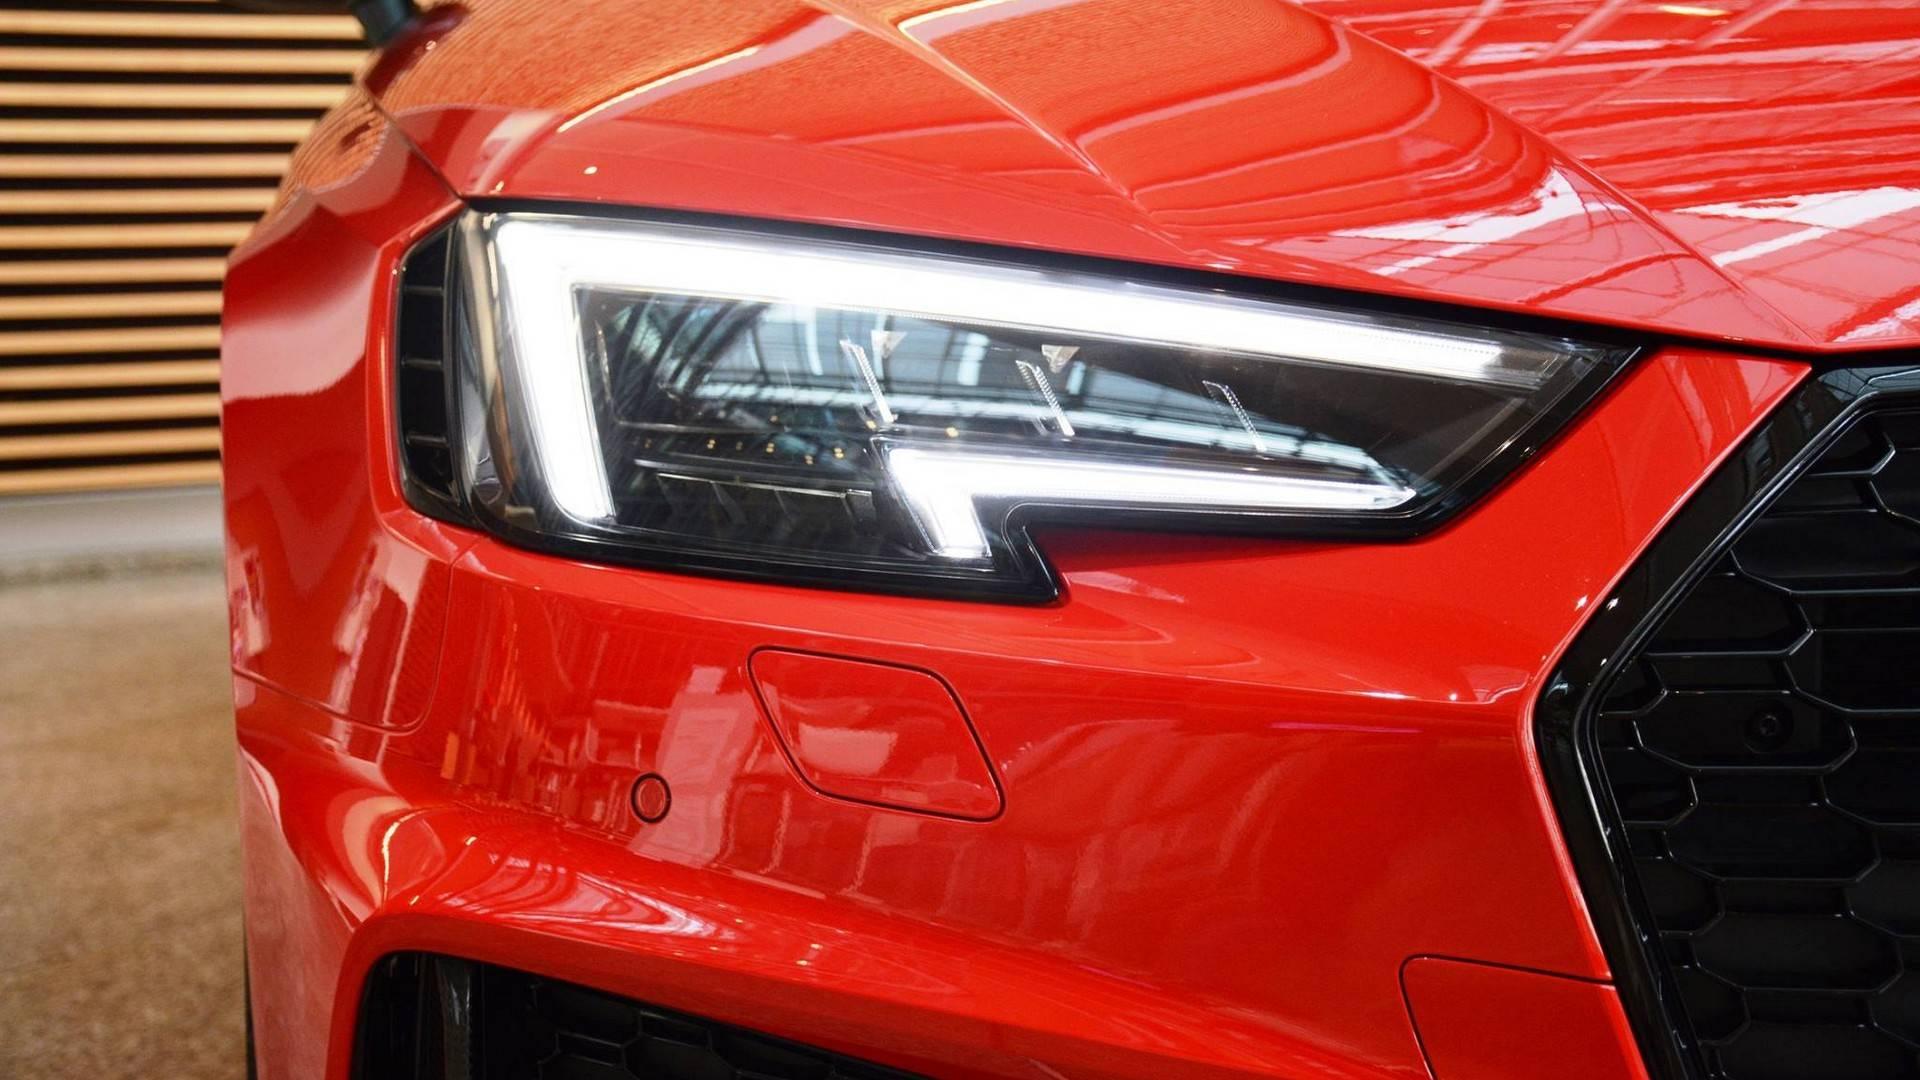 آئودی RS4 آوانت - اجاره خودرو - اجاره ماشین